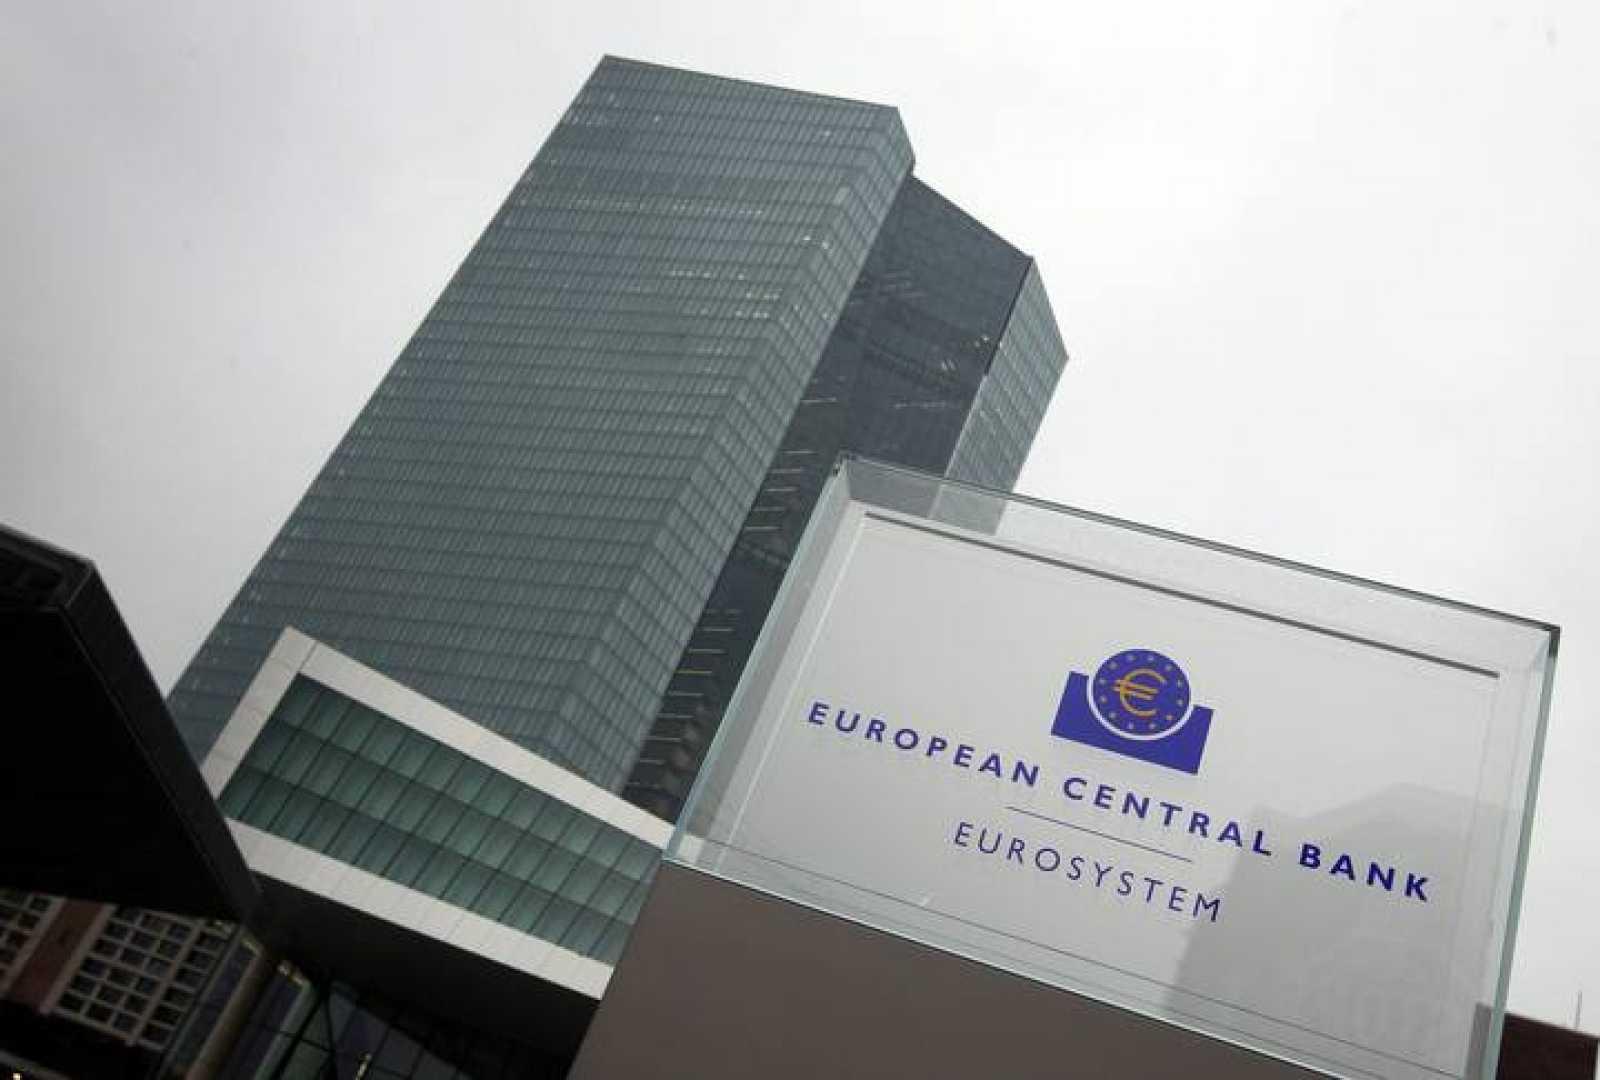 Imagen de la nueva sede del Banco Central Europeo en Fráncfort